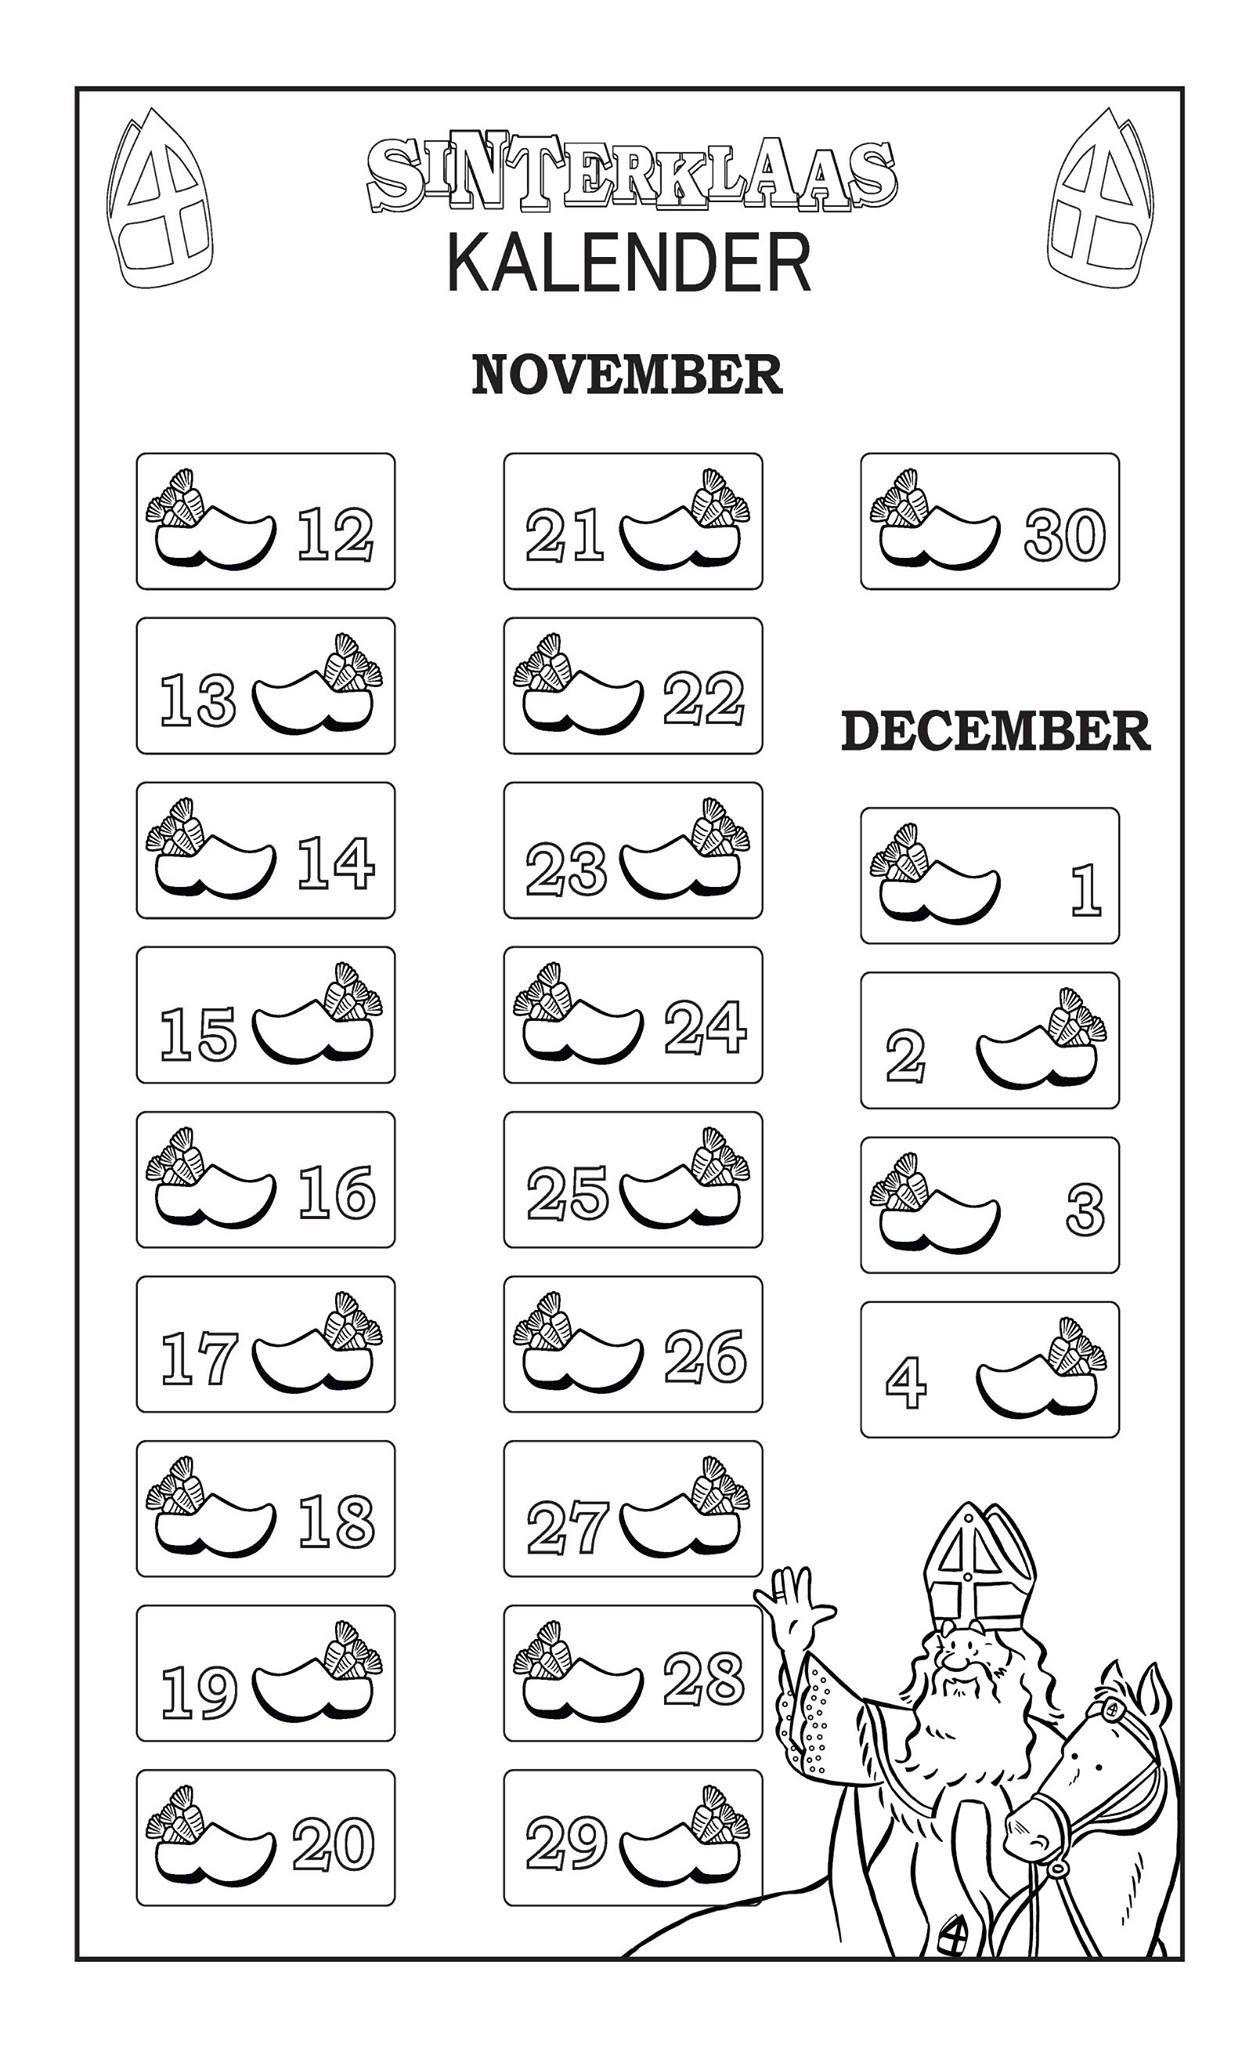 Sinterklaas Kalender Uitprinten En Het Kind In Schoen Laten Stoppen Sinterklaas Kleurt Dan In Op Welke Dagen Ze Hun Scho Sinterklaas Kalender Voor Kinderen